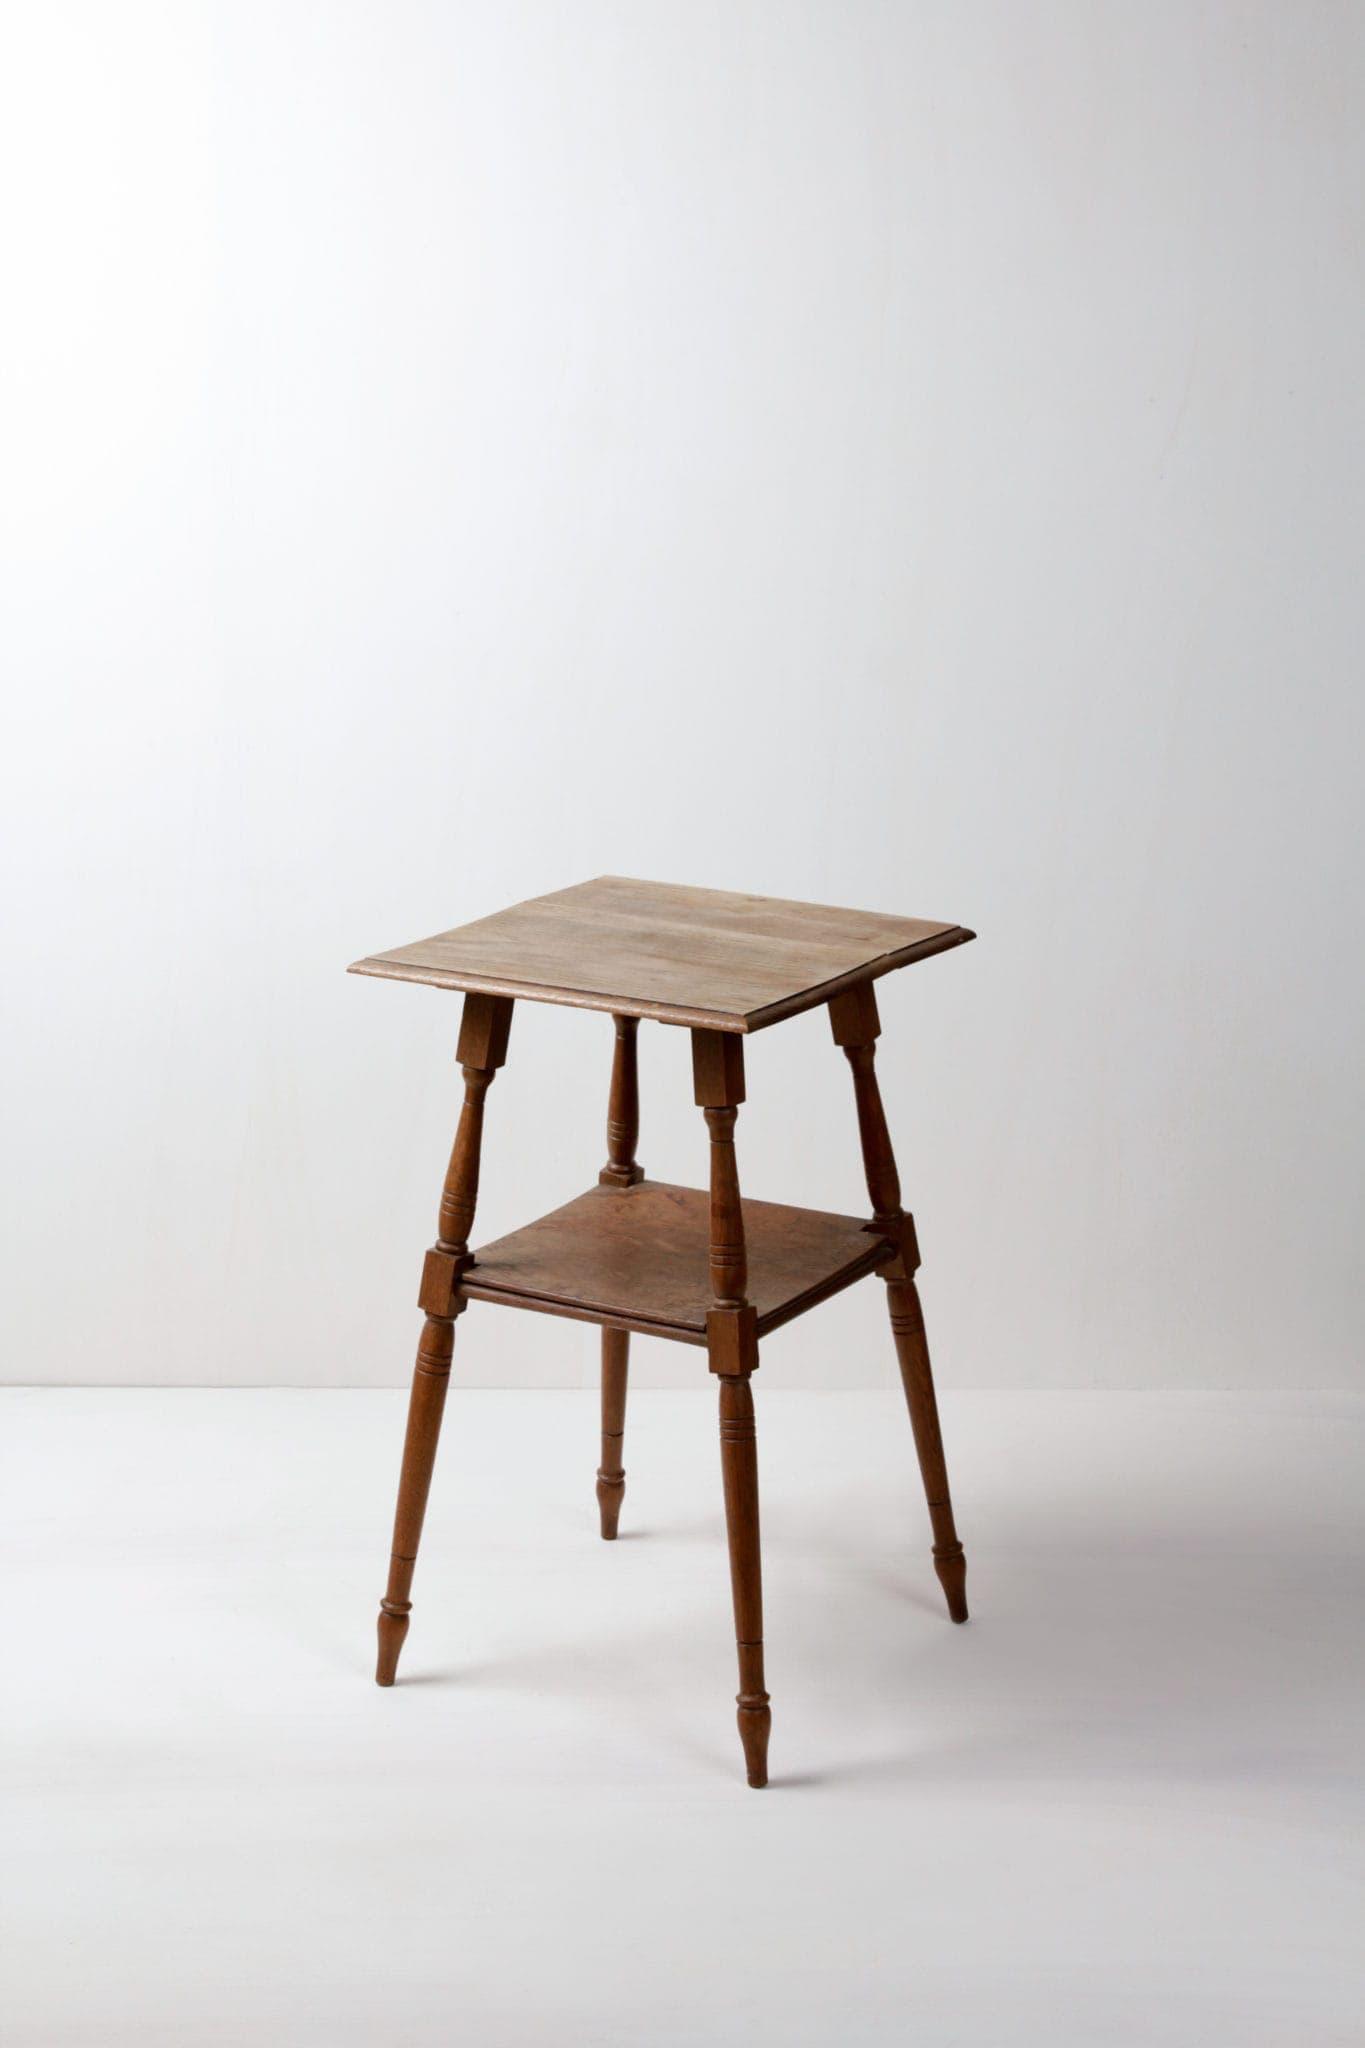 Tische, Dekoration, Produktplatzierung, mieten